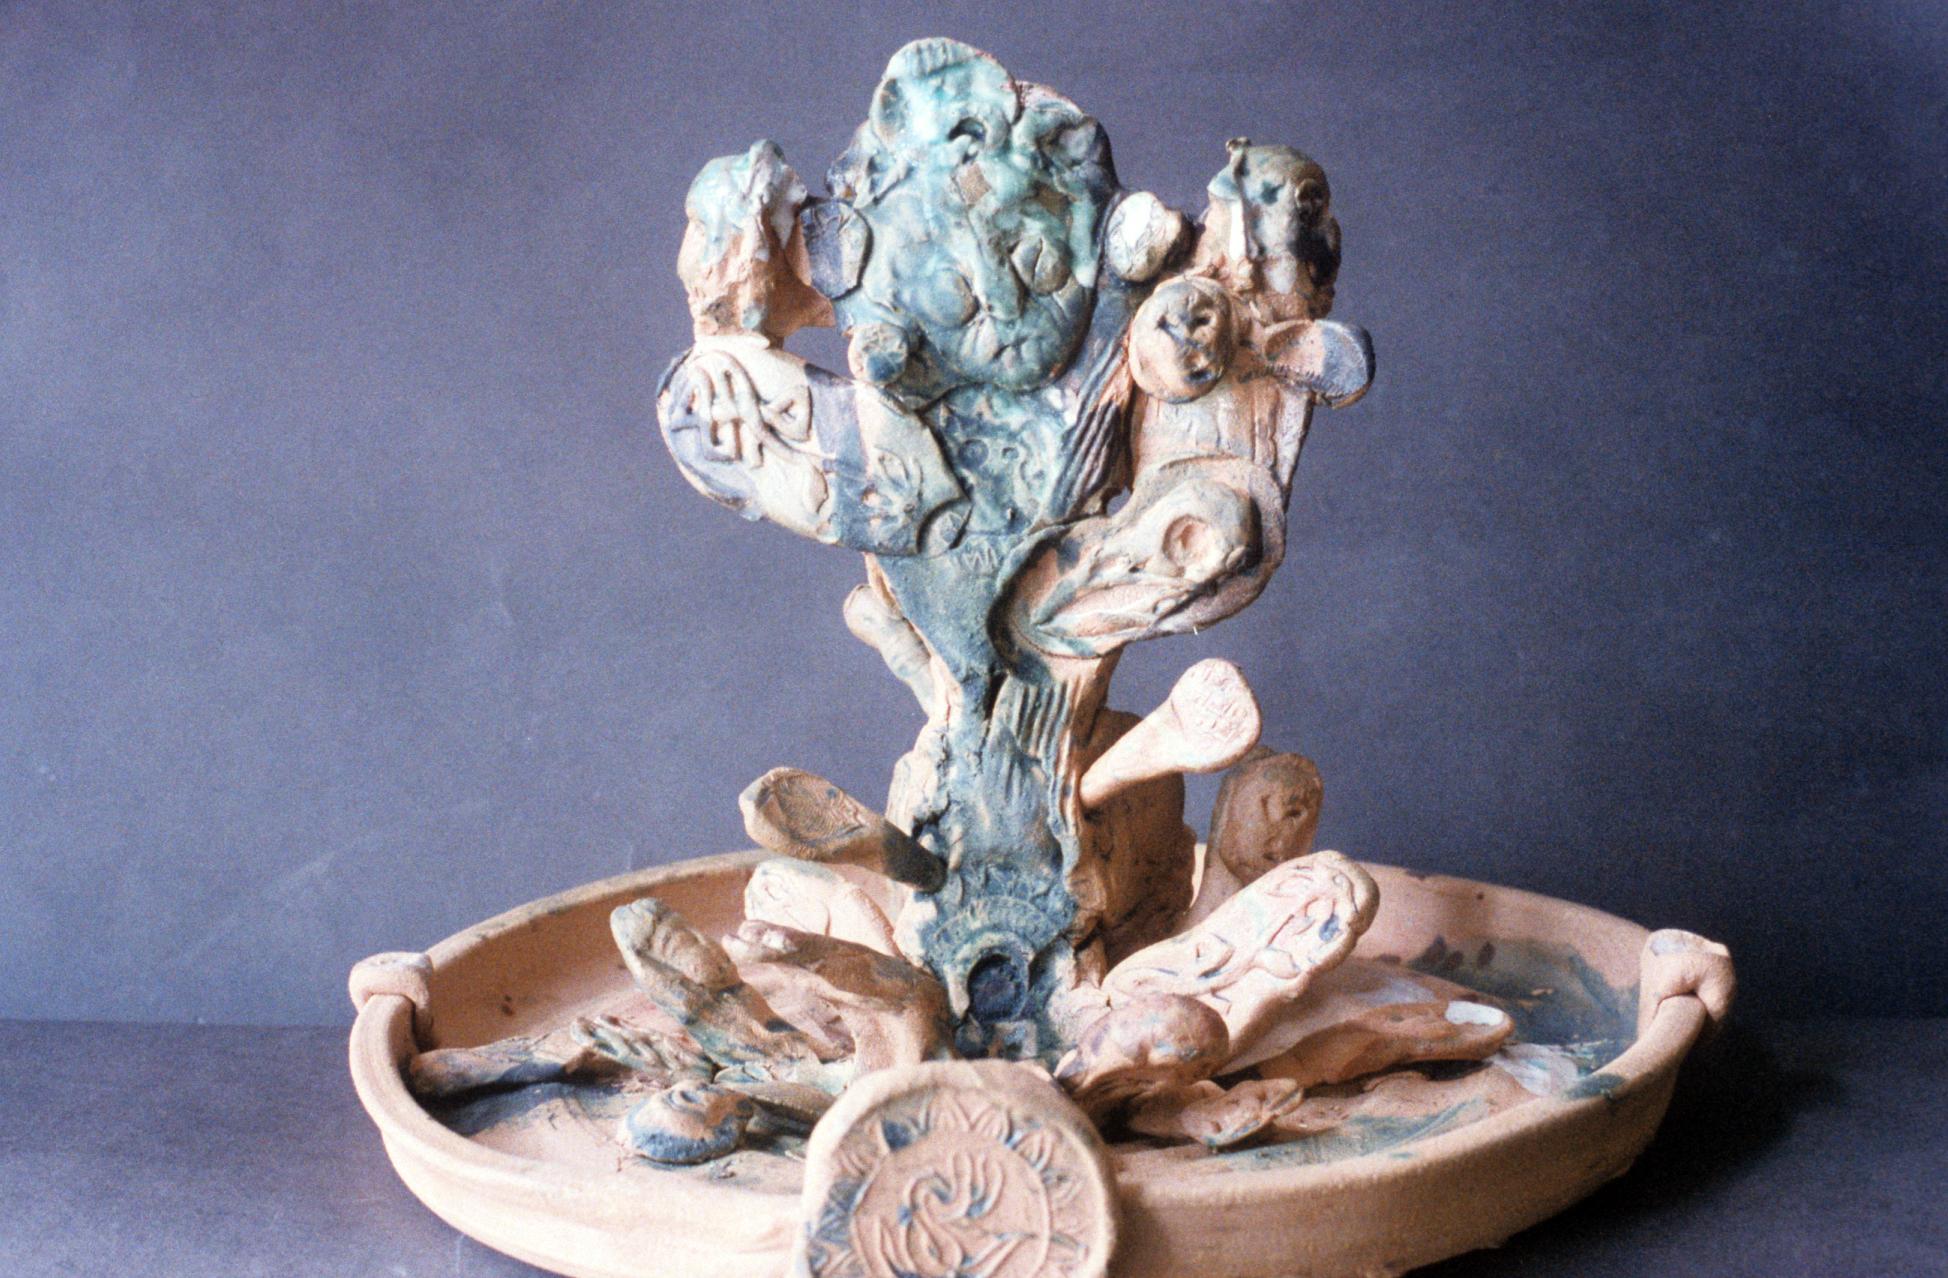 Shamanic Figure